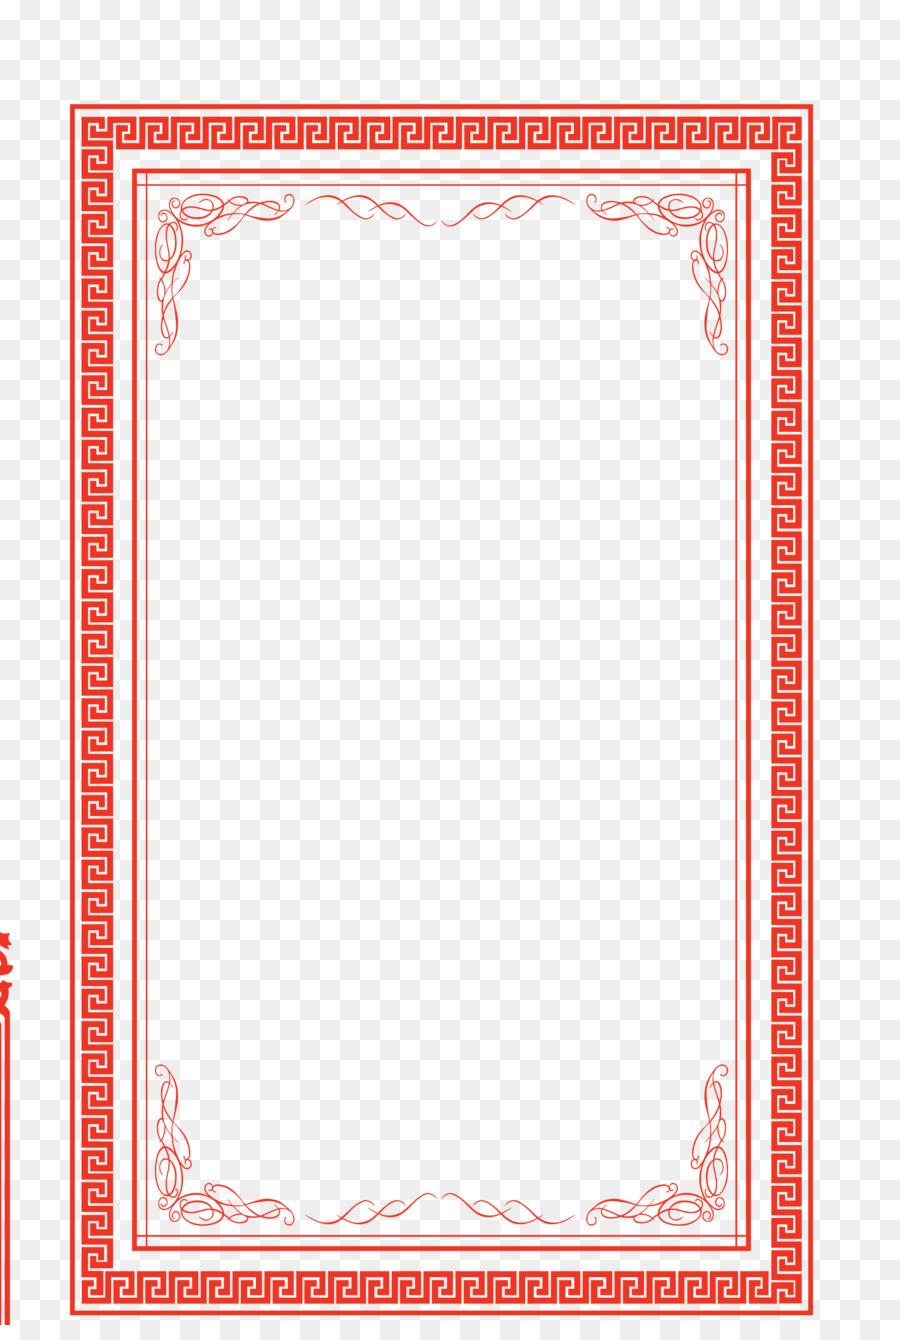 Descarga gratuita de Papel, Año Nuevo Chino, Rojo imágenes PNG